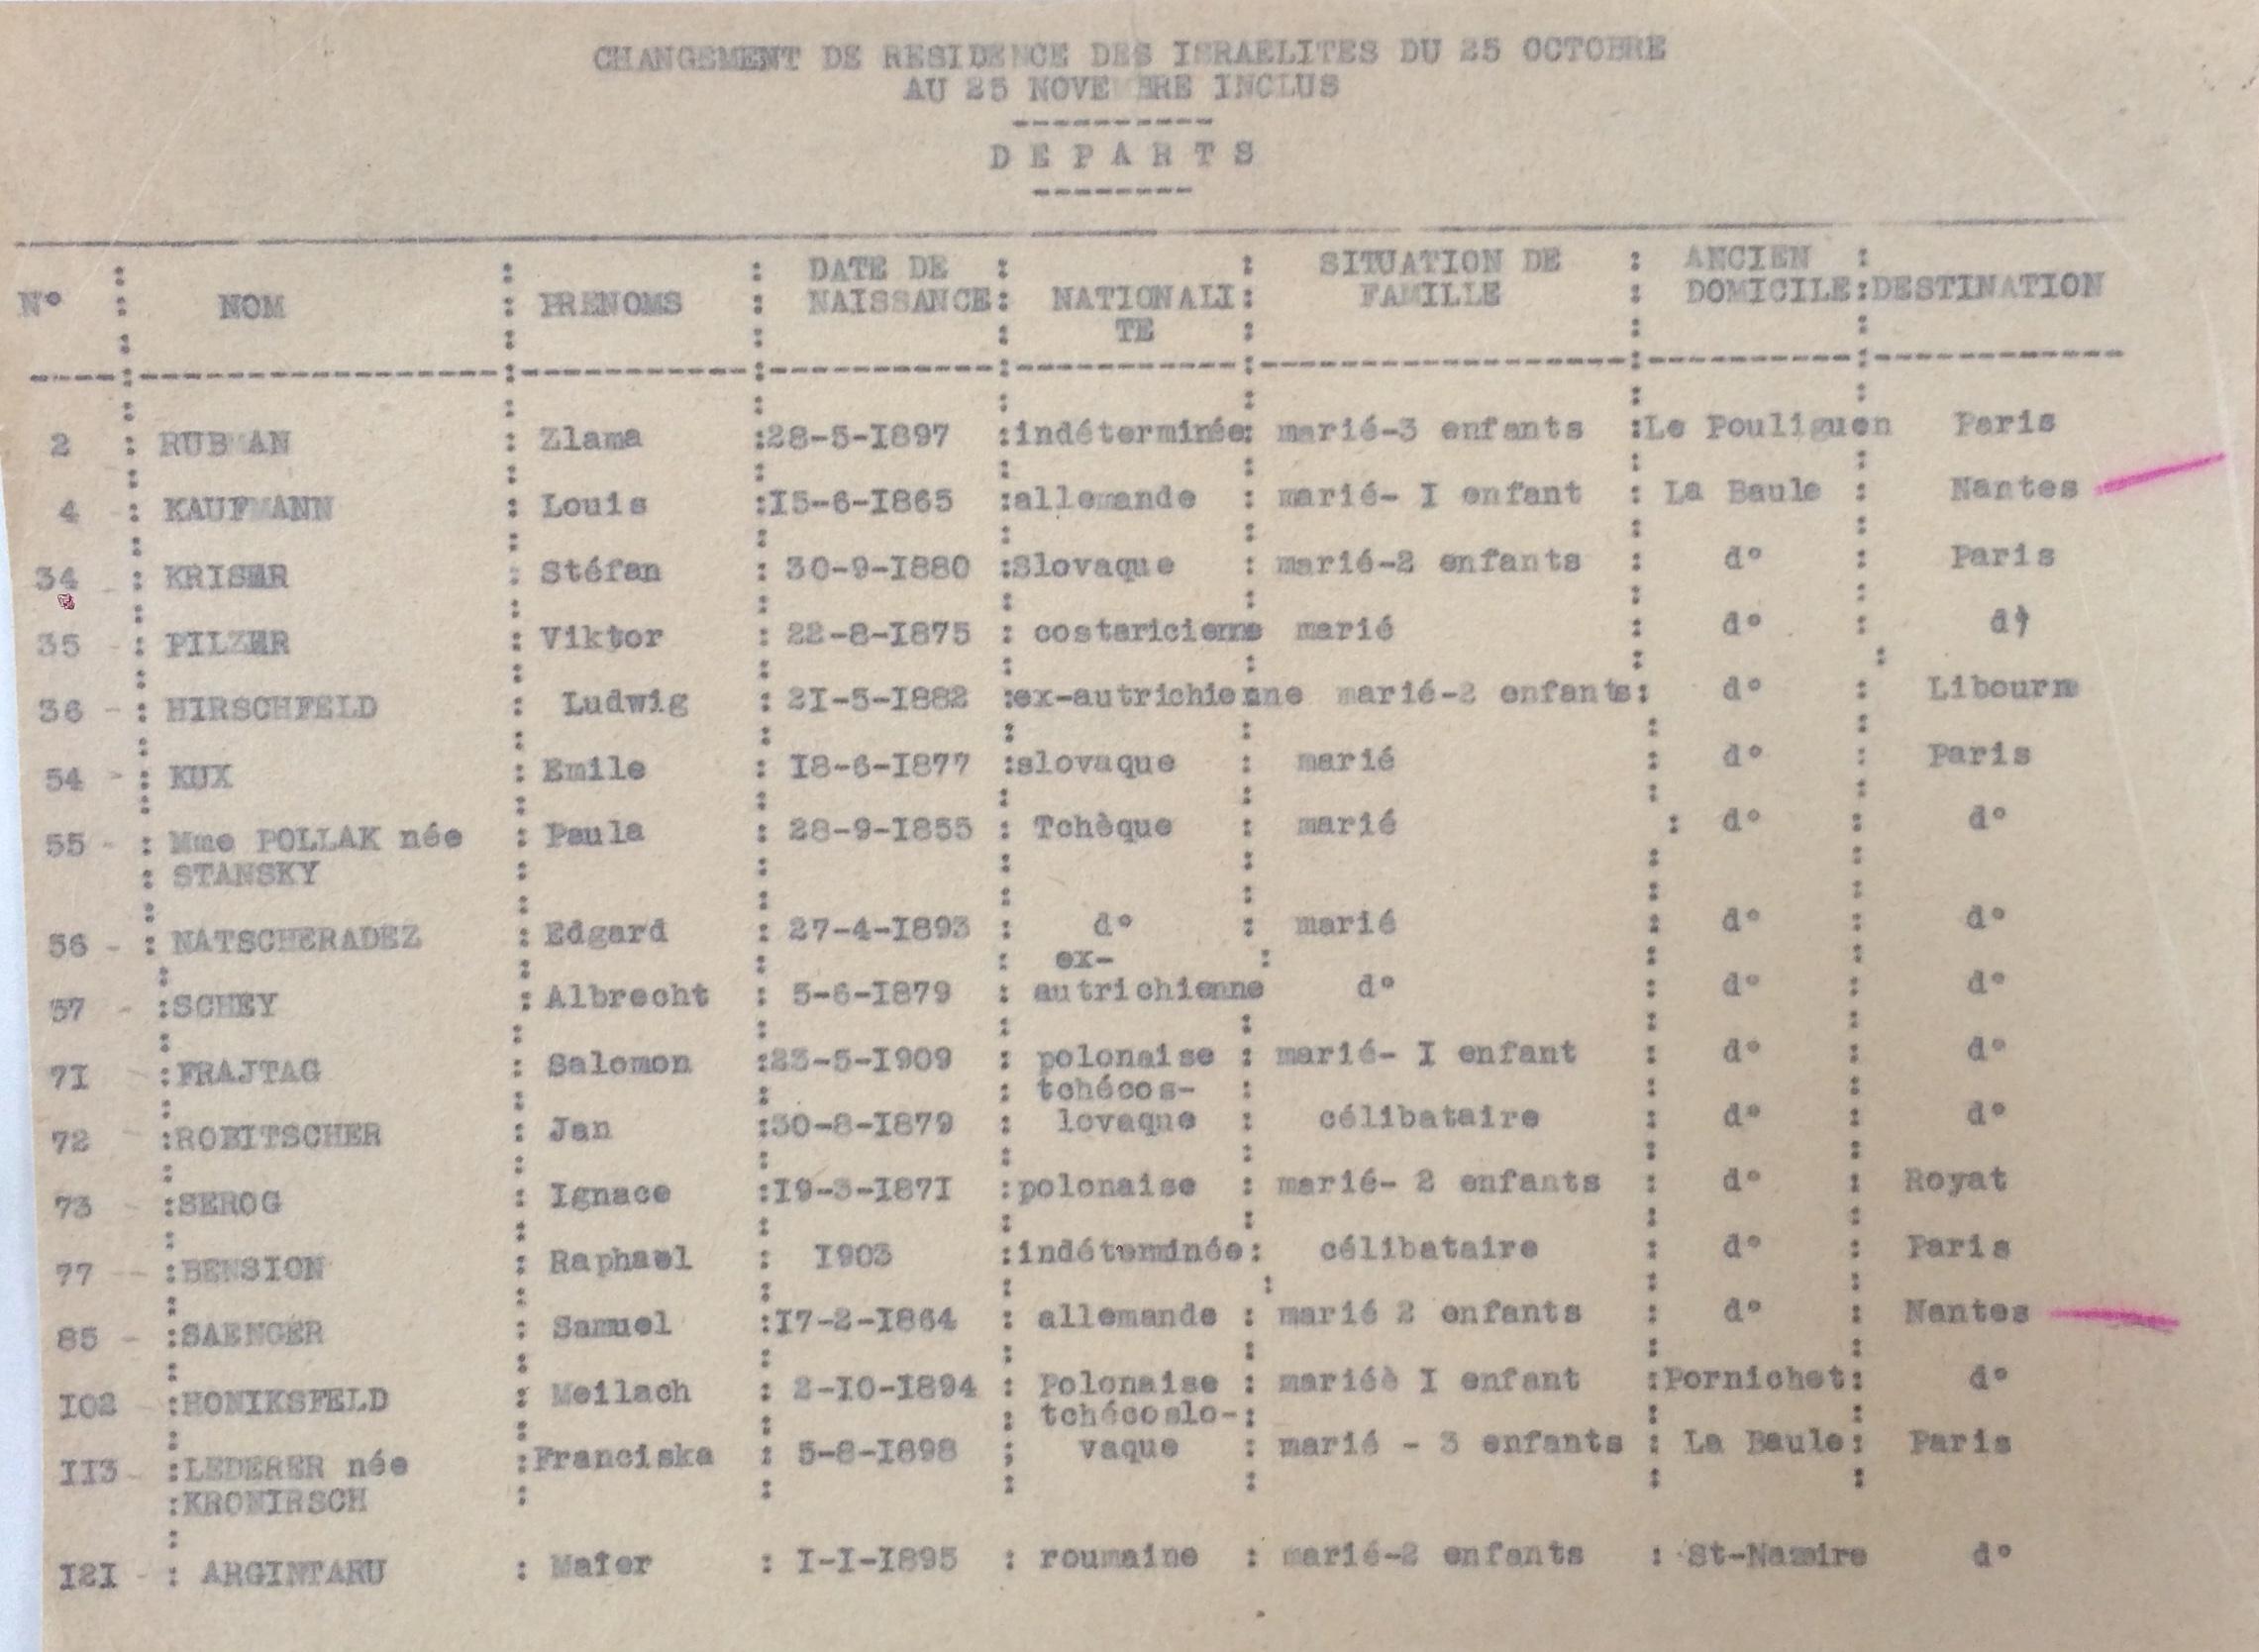 Contrôle des Israélites novembre 1940 [ADLA 1694W25)